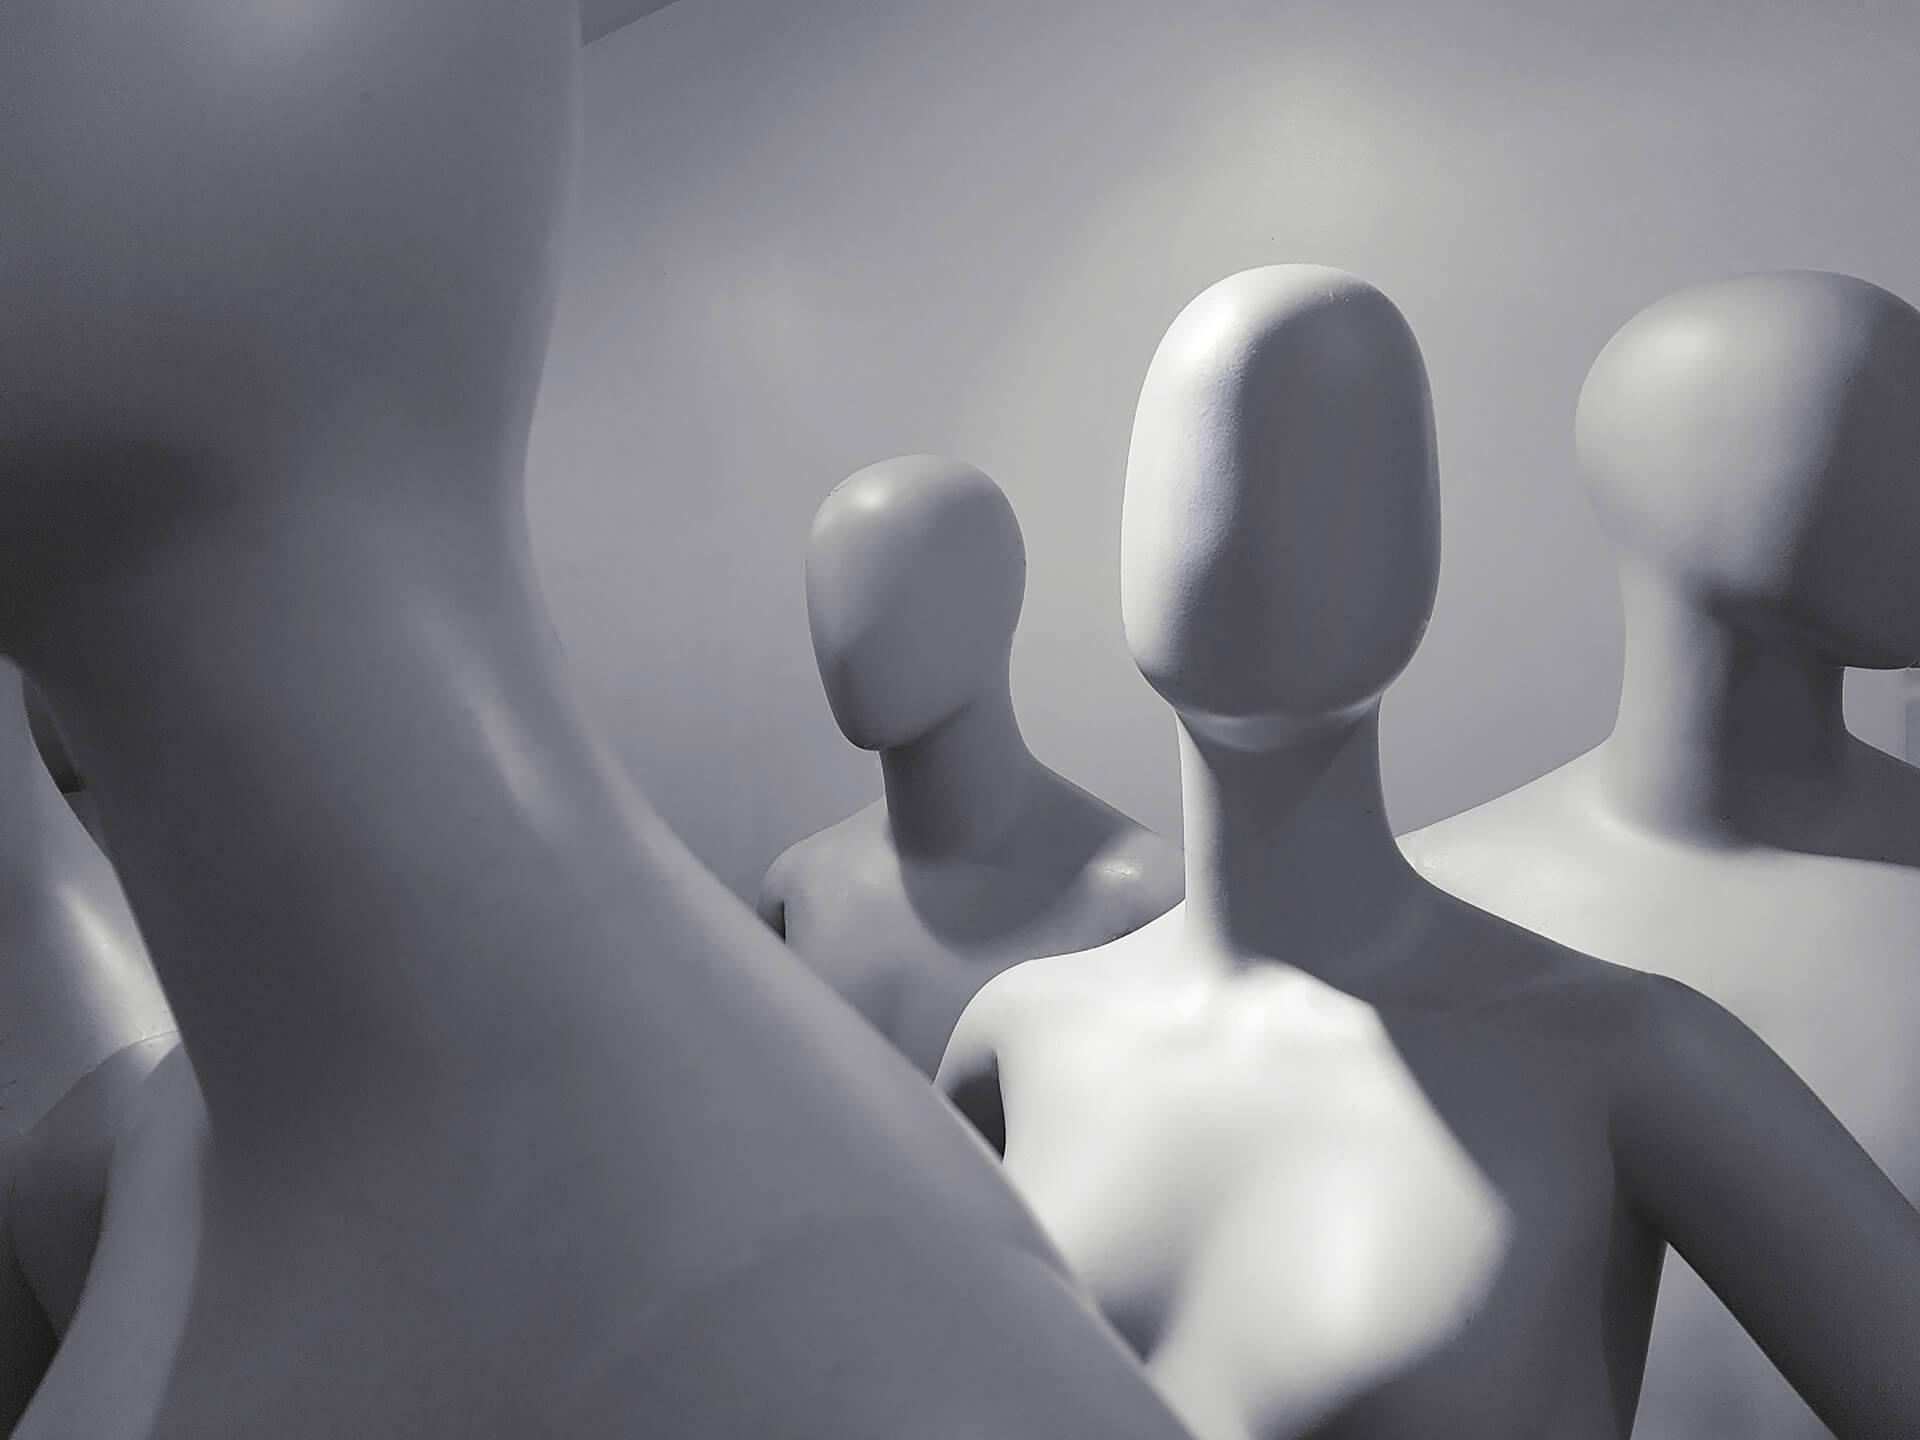 deep nude - foto de vários manequins femininos sem rosto, na cor branca com um fundo cinza claro